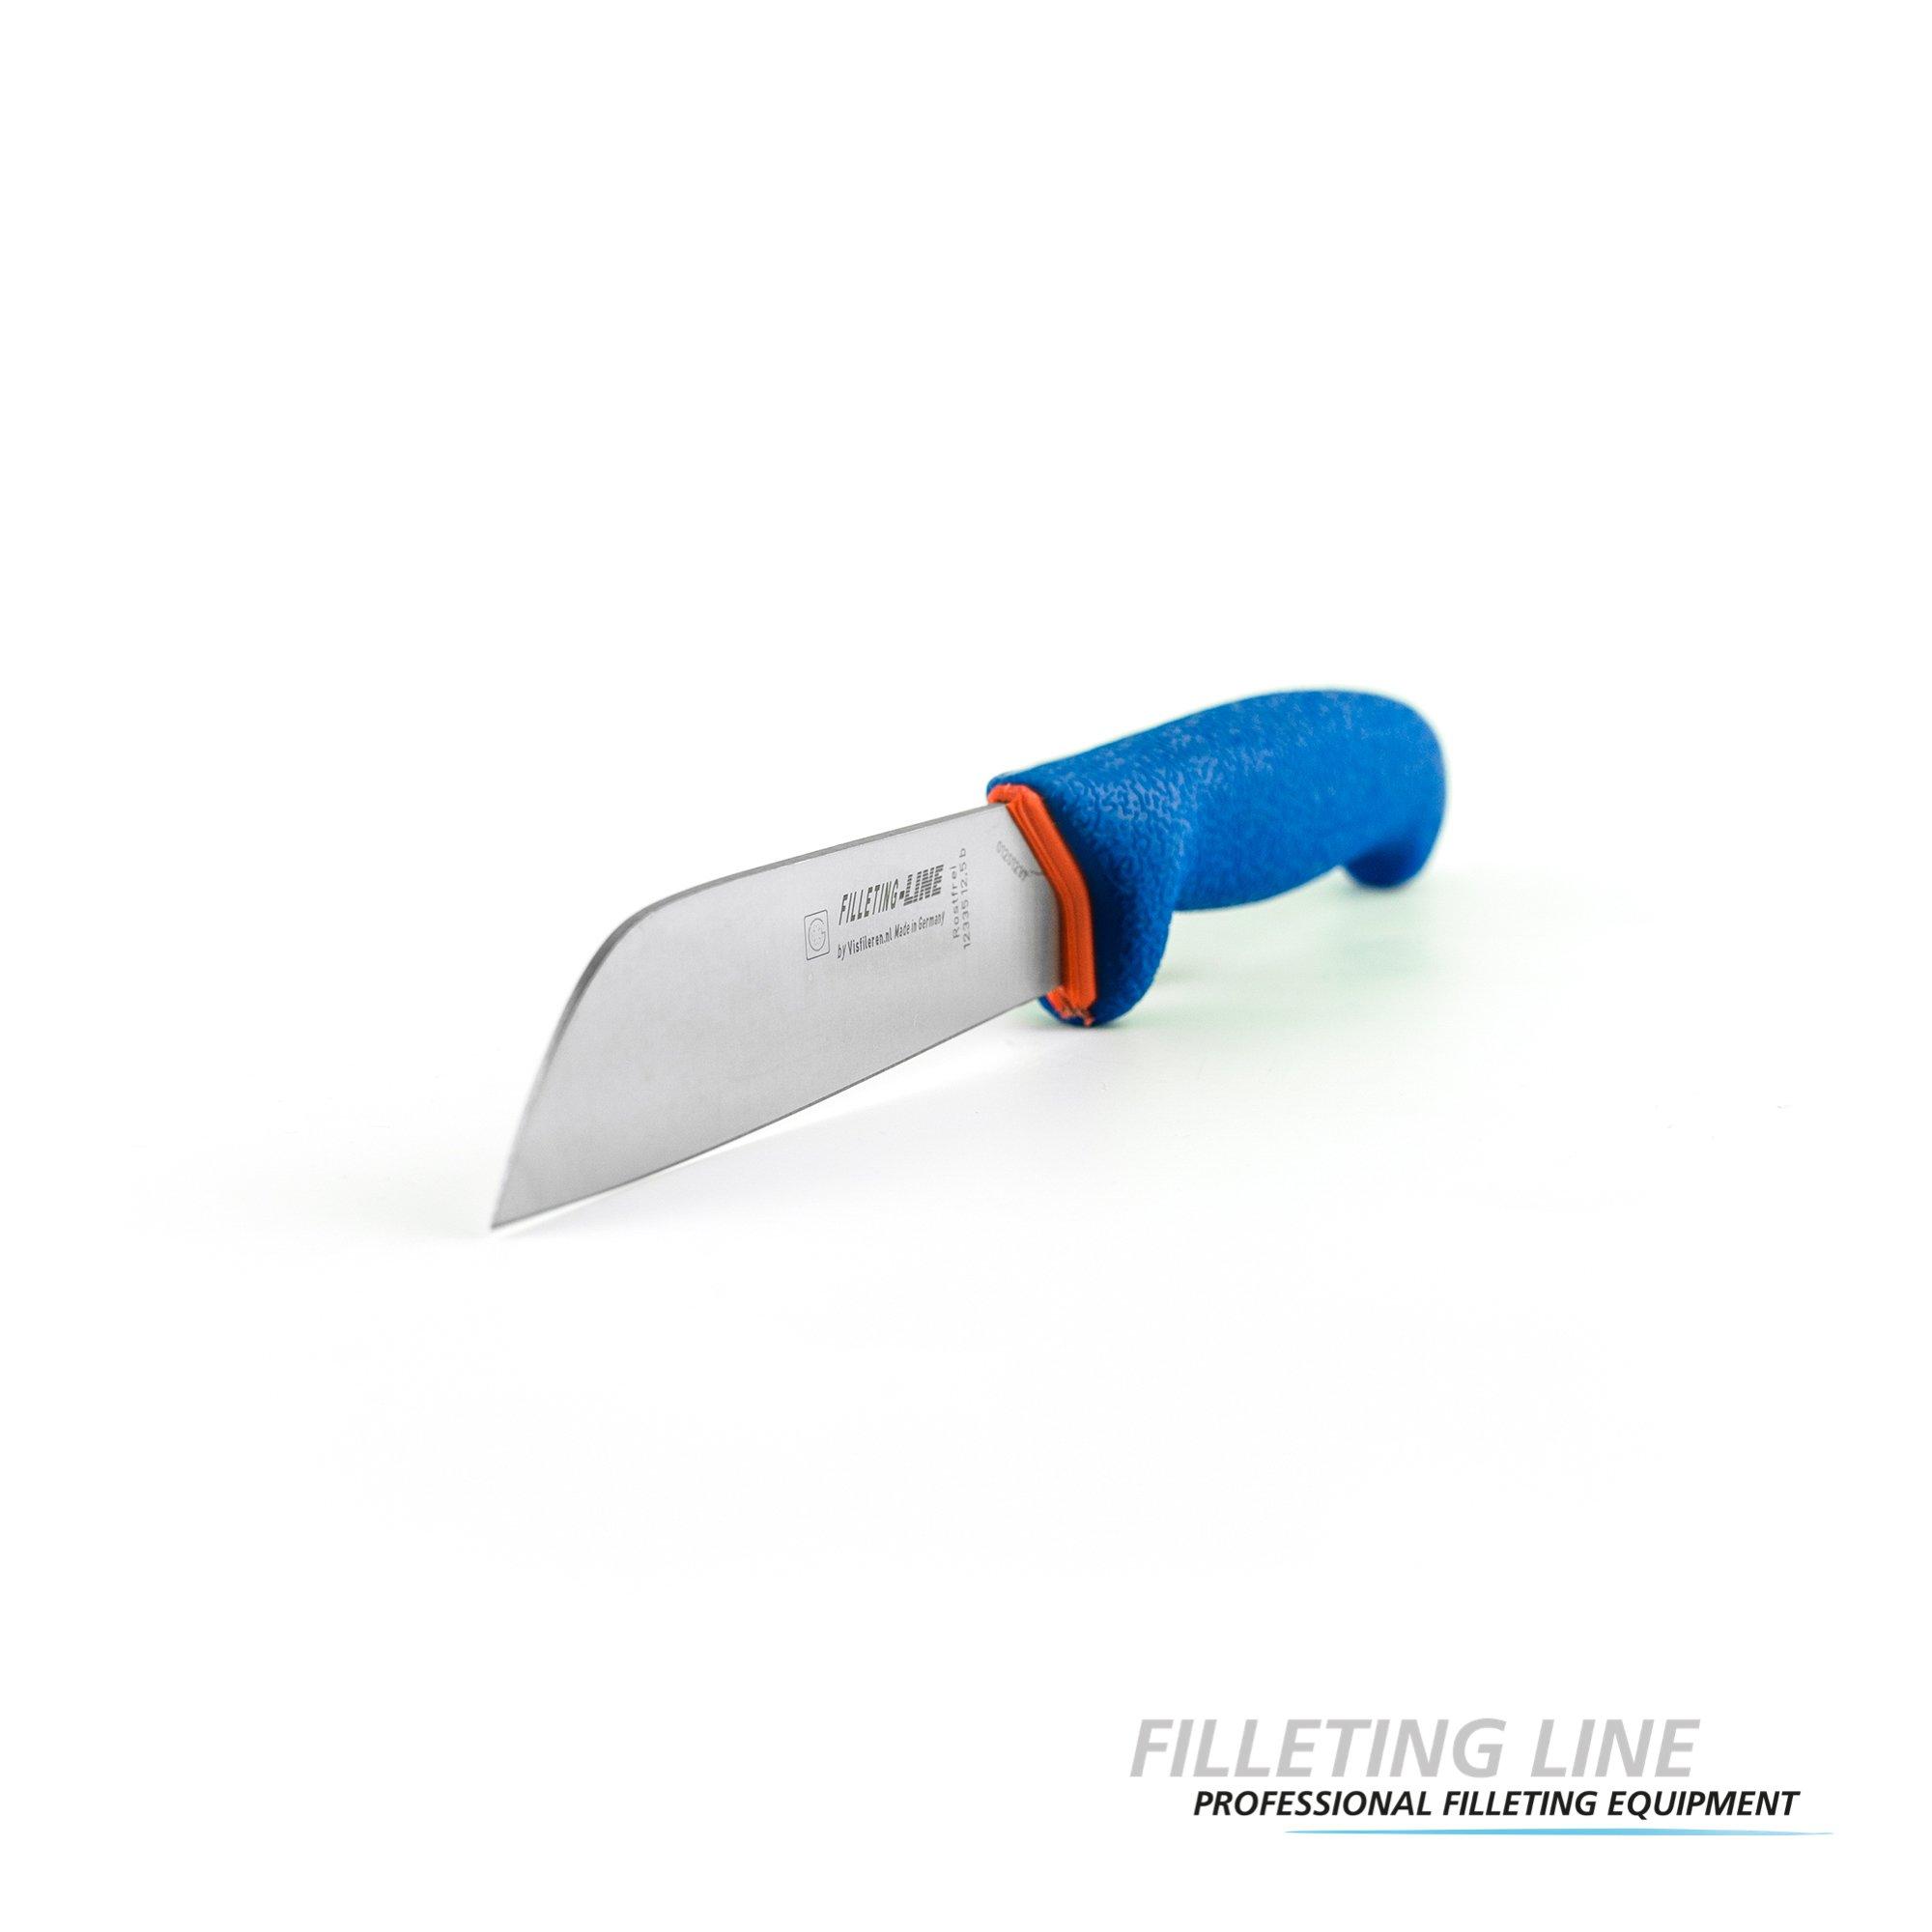 FILLETING LINE_2000x2000_45_logo-50